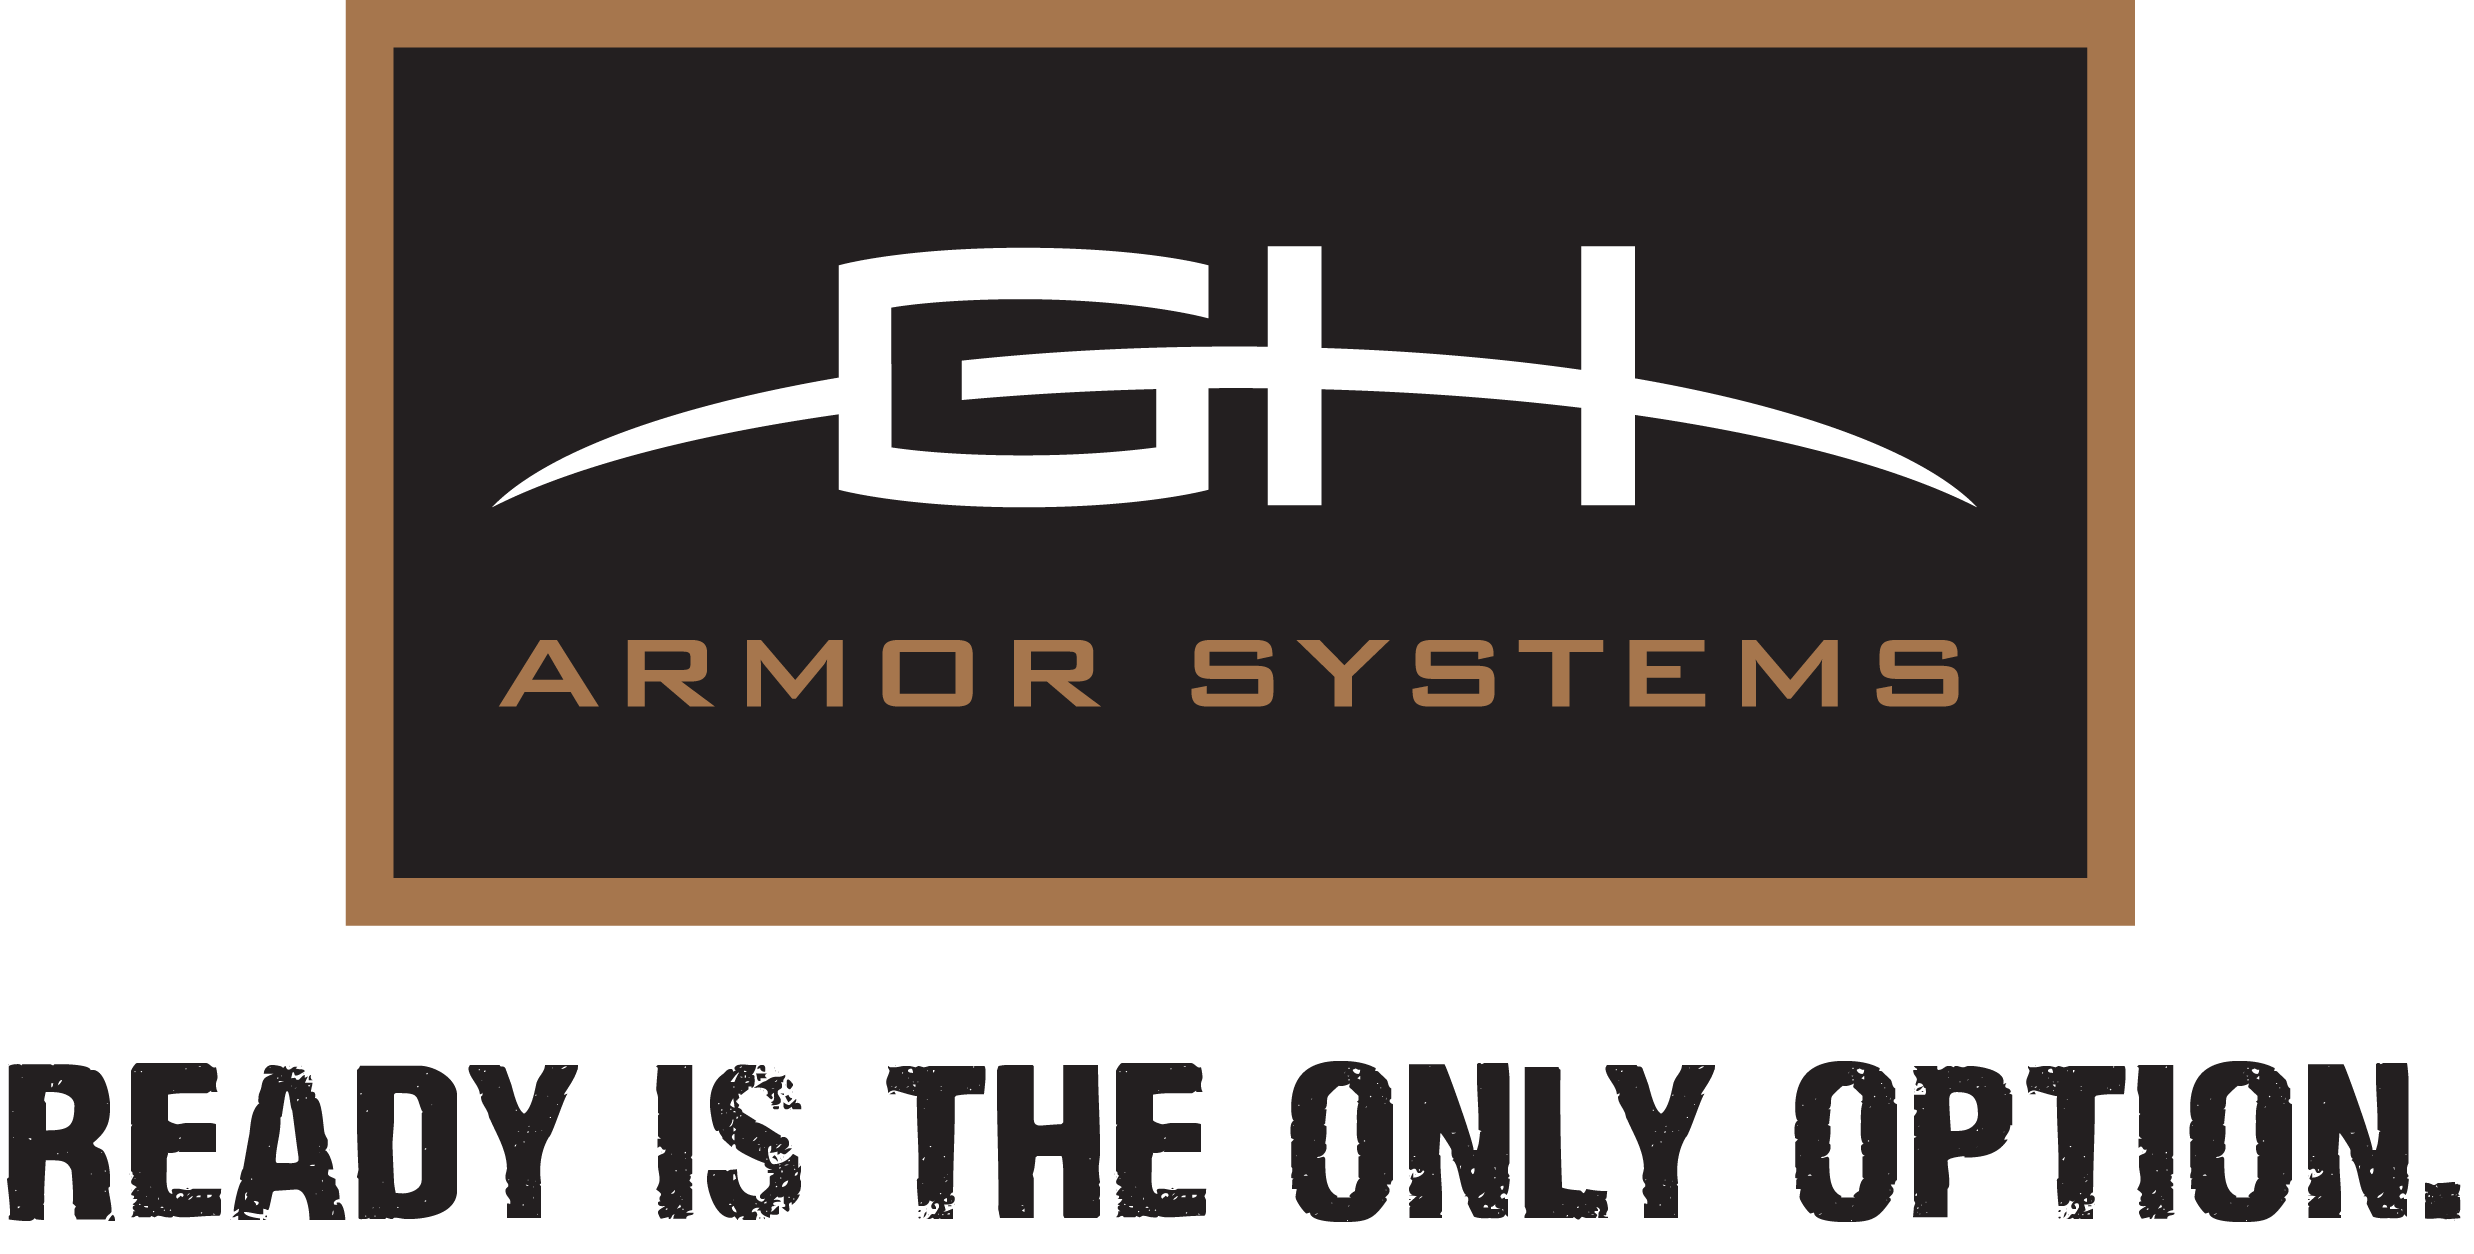 gh-armor-systems